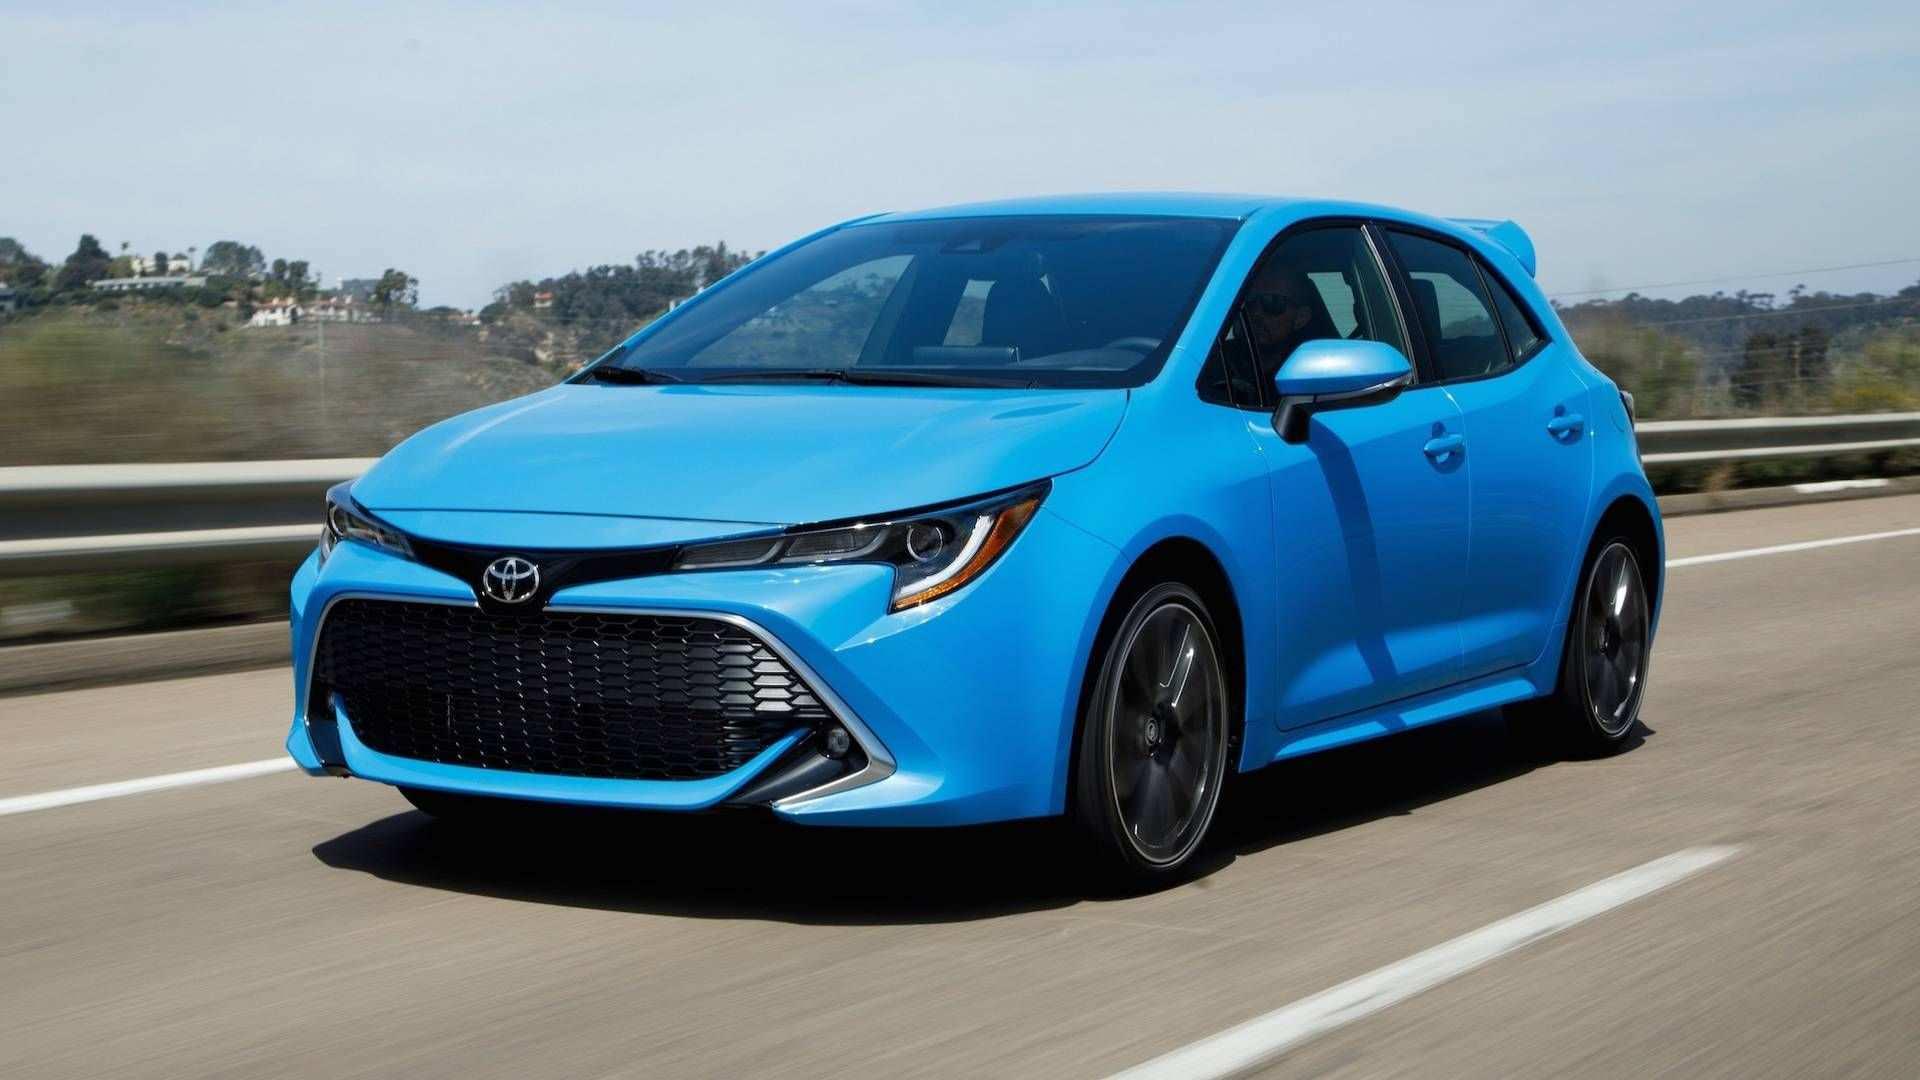 29 All New Toyota Corolla 2020 Uk Rumors with Toyota Corolla 2020 Uk